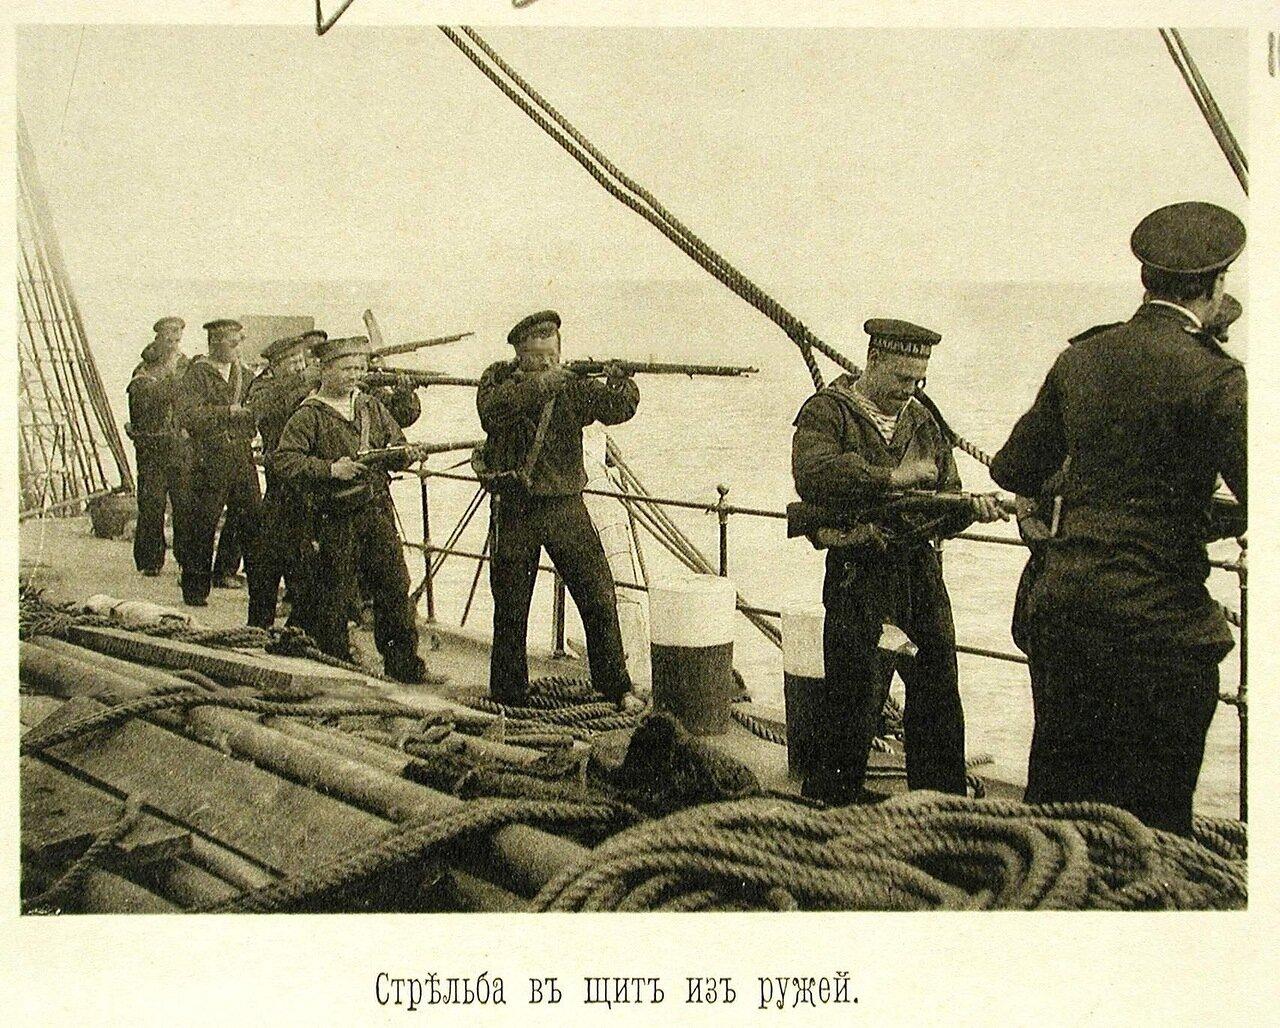 119. Матросы команды одного из судов эскадры во время занятий стрельбой в щит из ружей